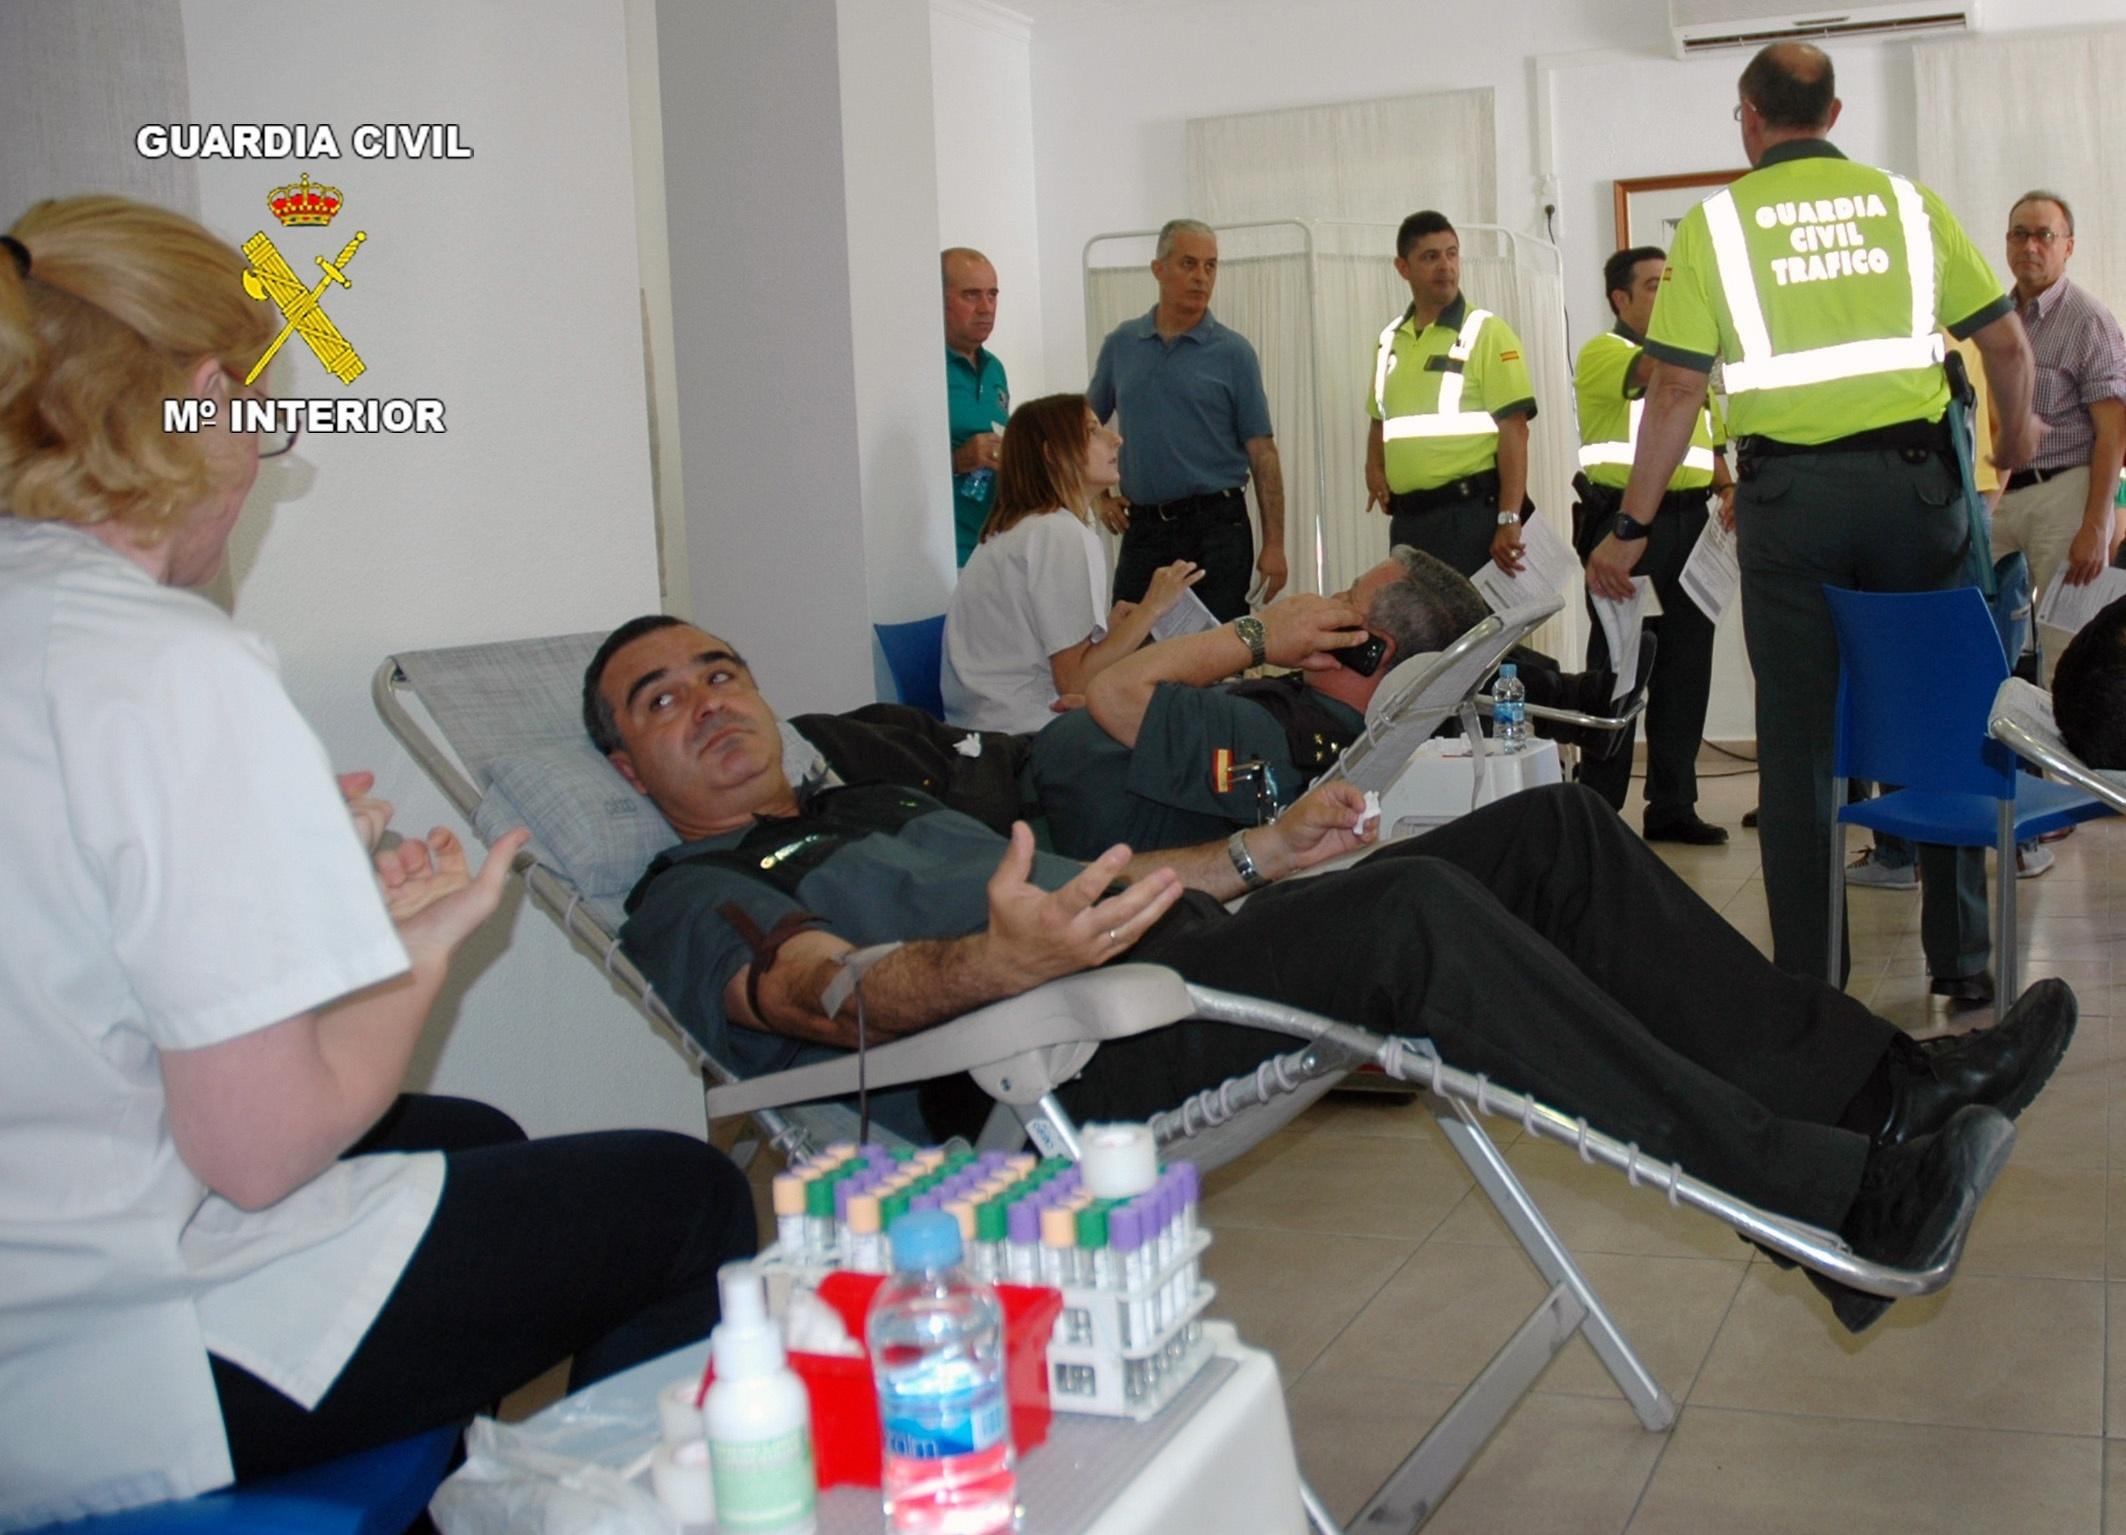 La Guardia Civil participa en la campaña de donación de sangre en Murcia